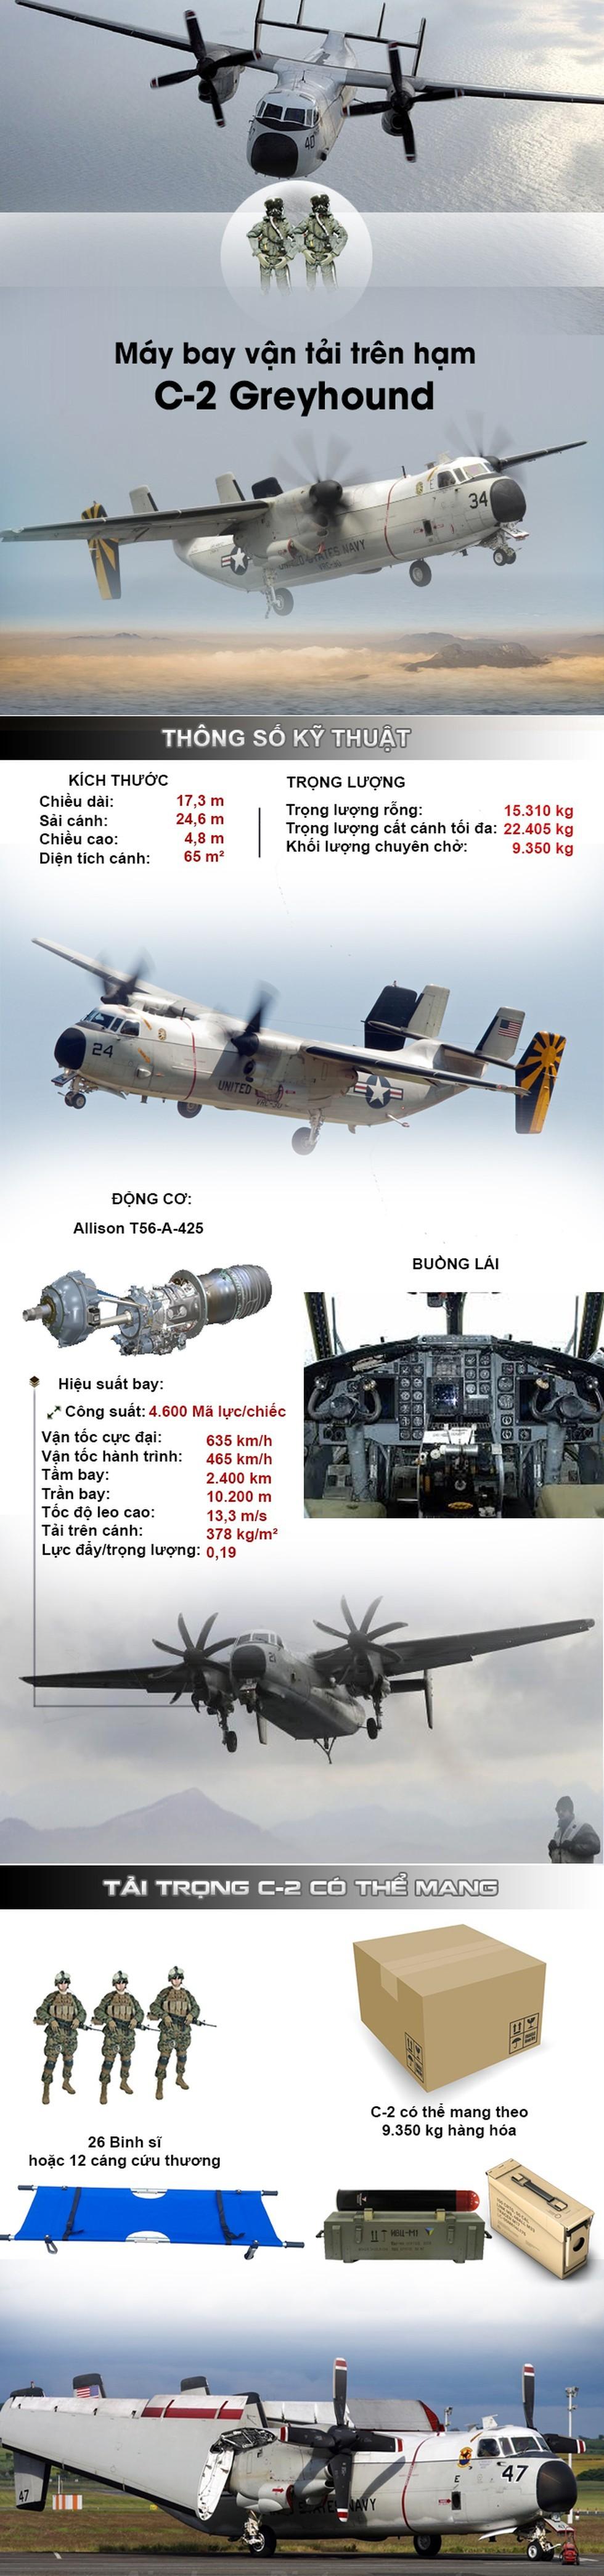 [Info] 'Ngựa thồ' trên hàng không mẫu hạm Mỹ bất ngờ hạ cánh xuống Đà Nẵng ảnh 3